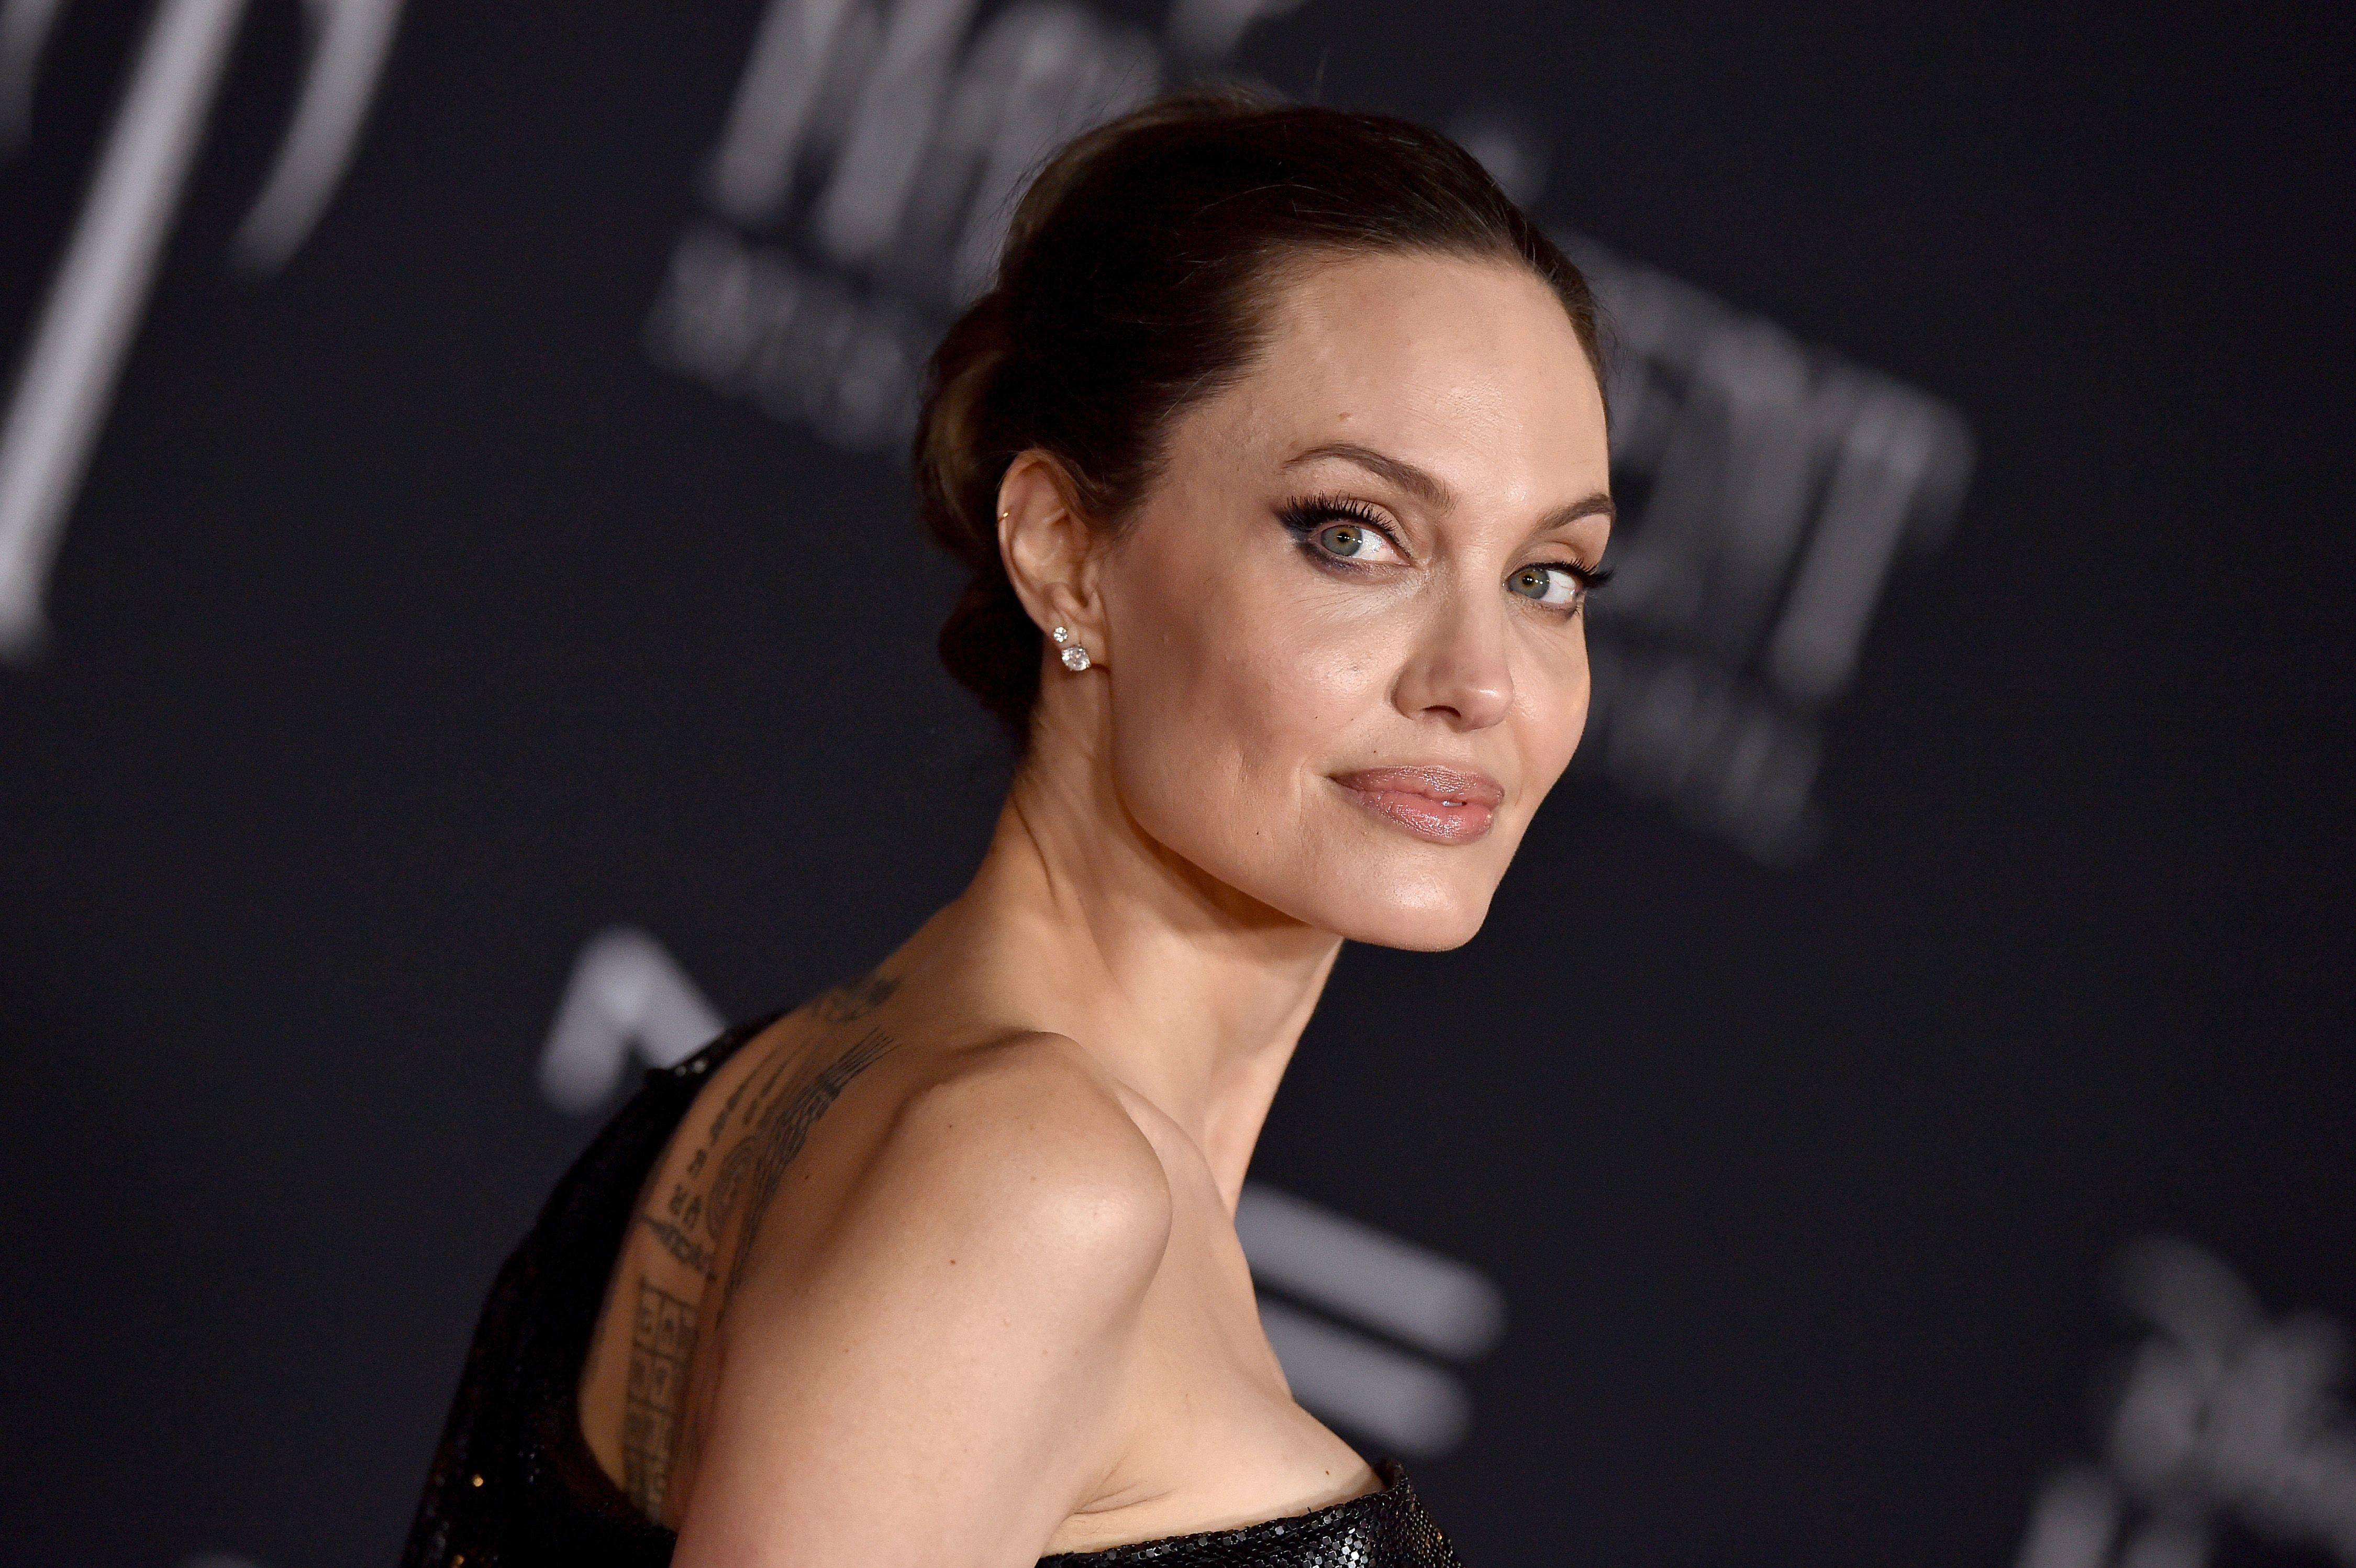 Angelina Jolie sorprendió al posar desnuda para revista